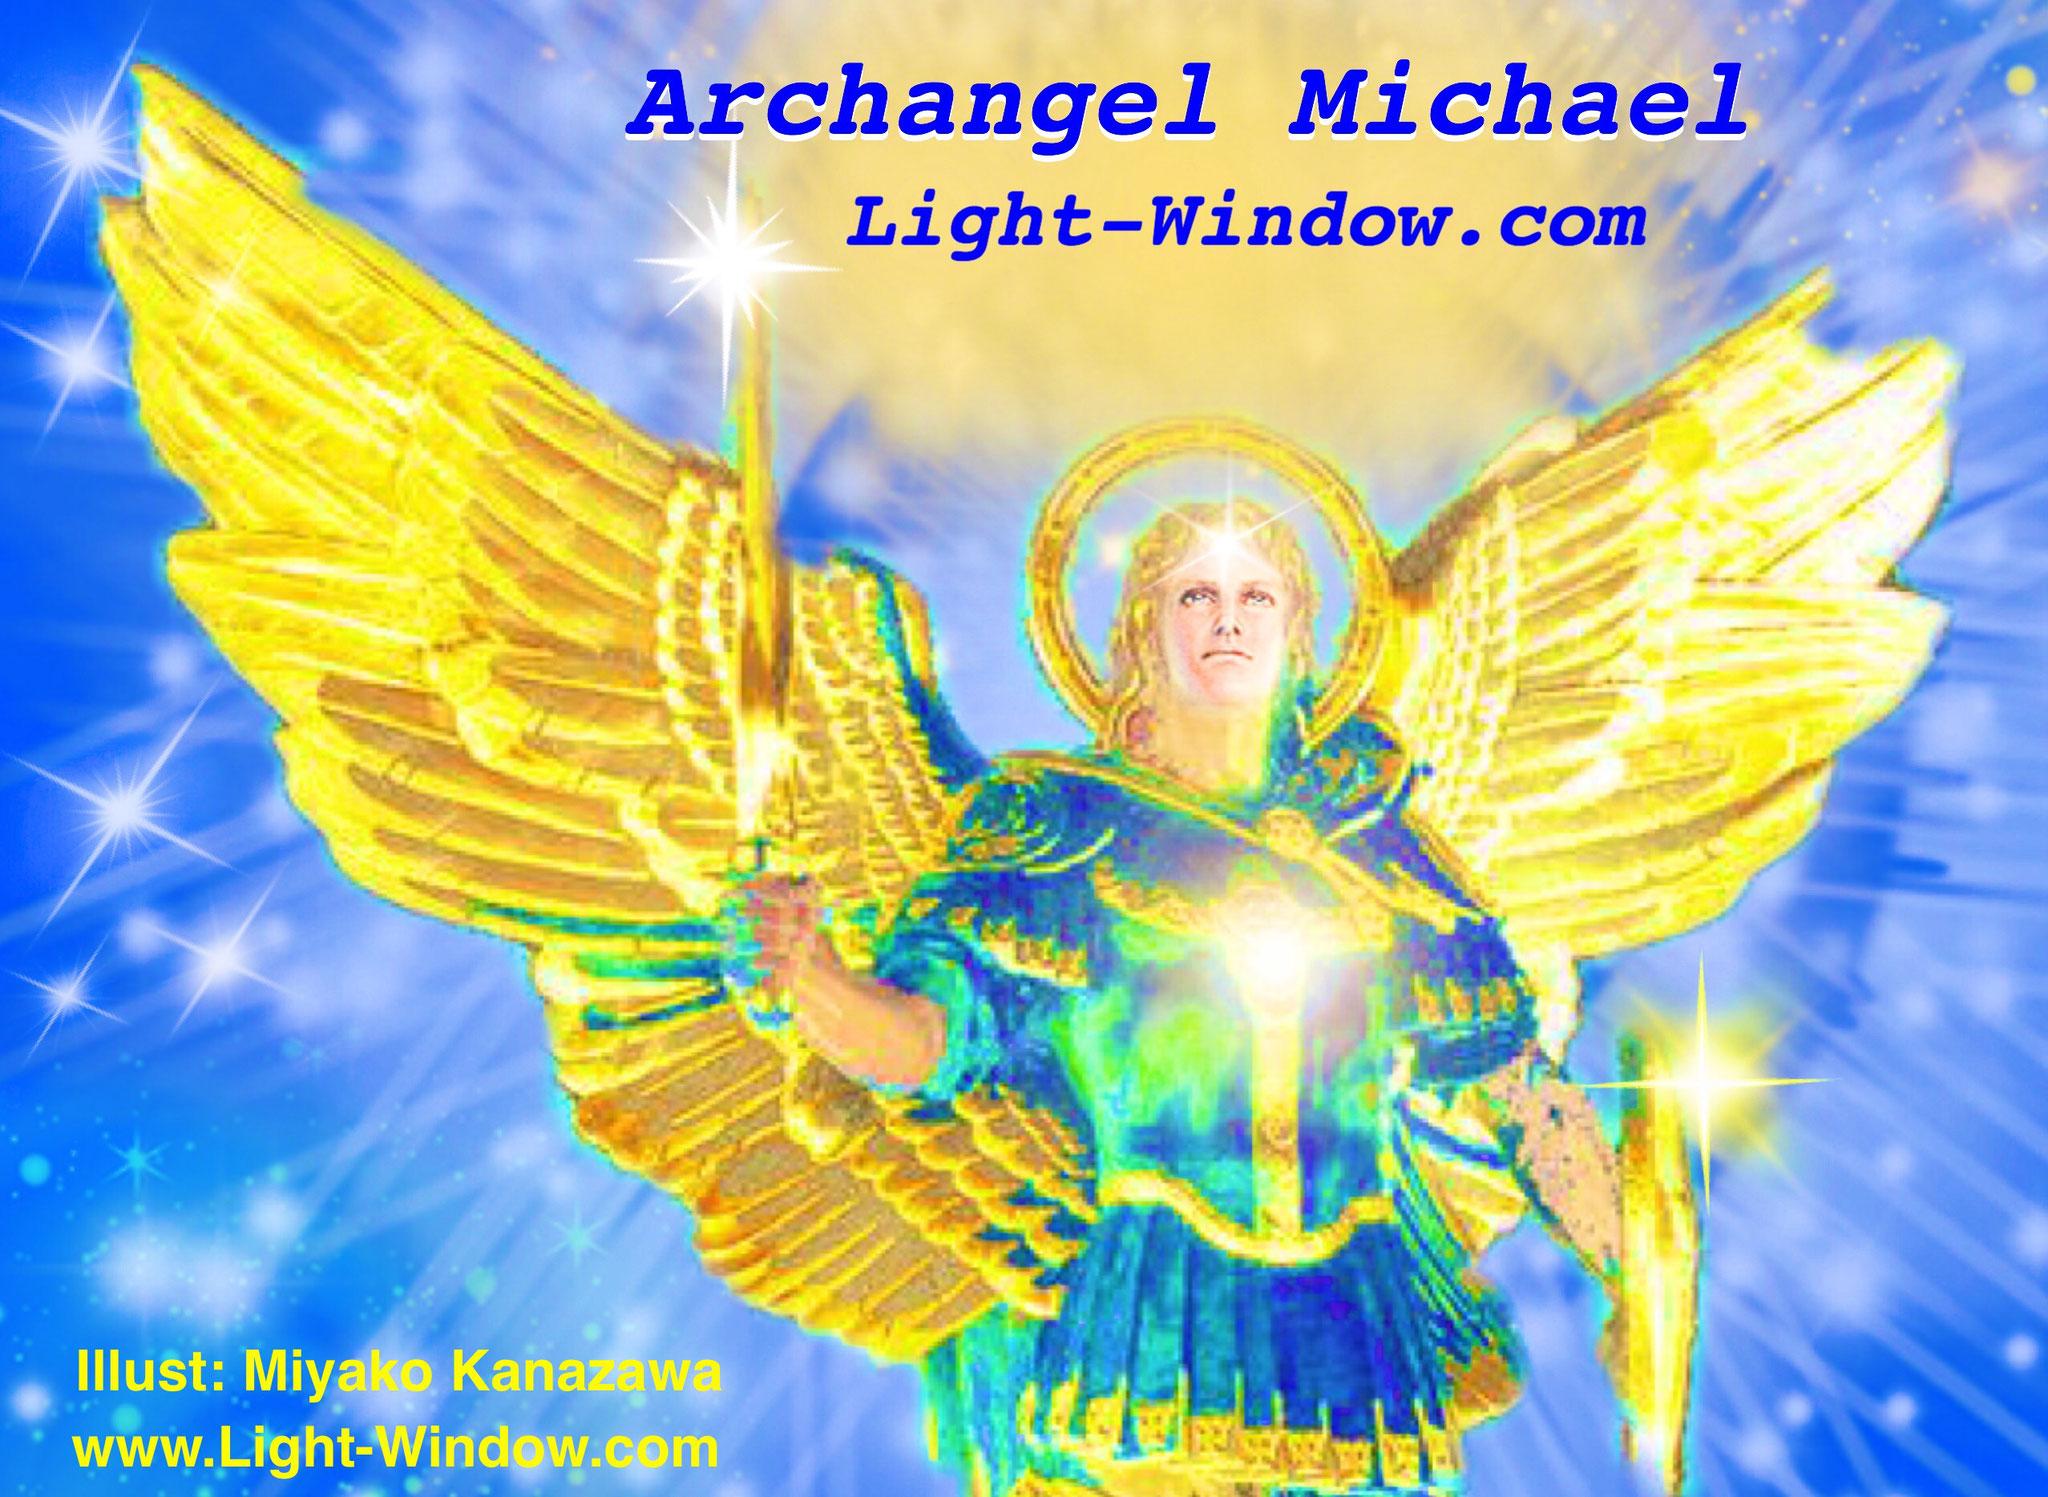 大天使ミカエル イラスト©️ 金澤みやこ